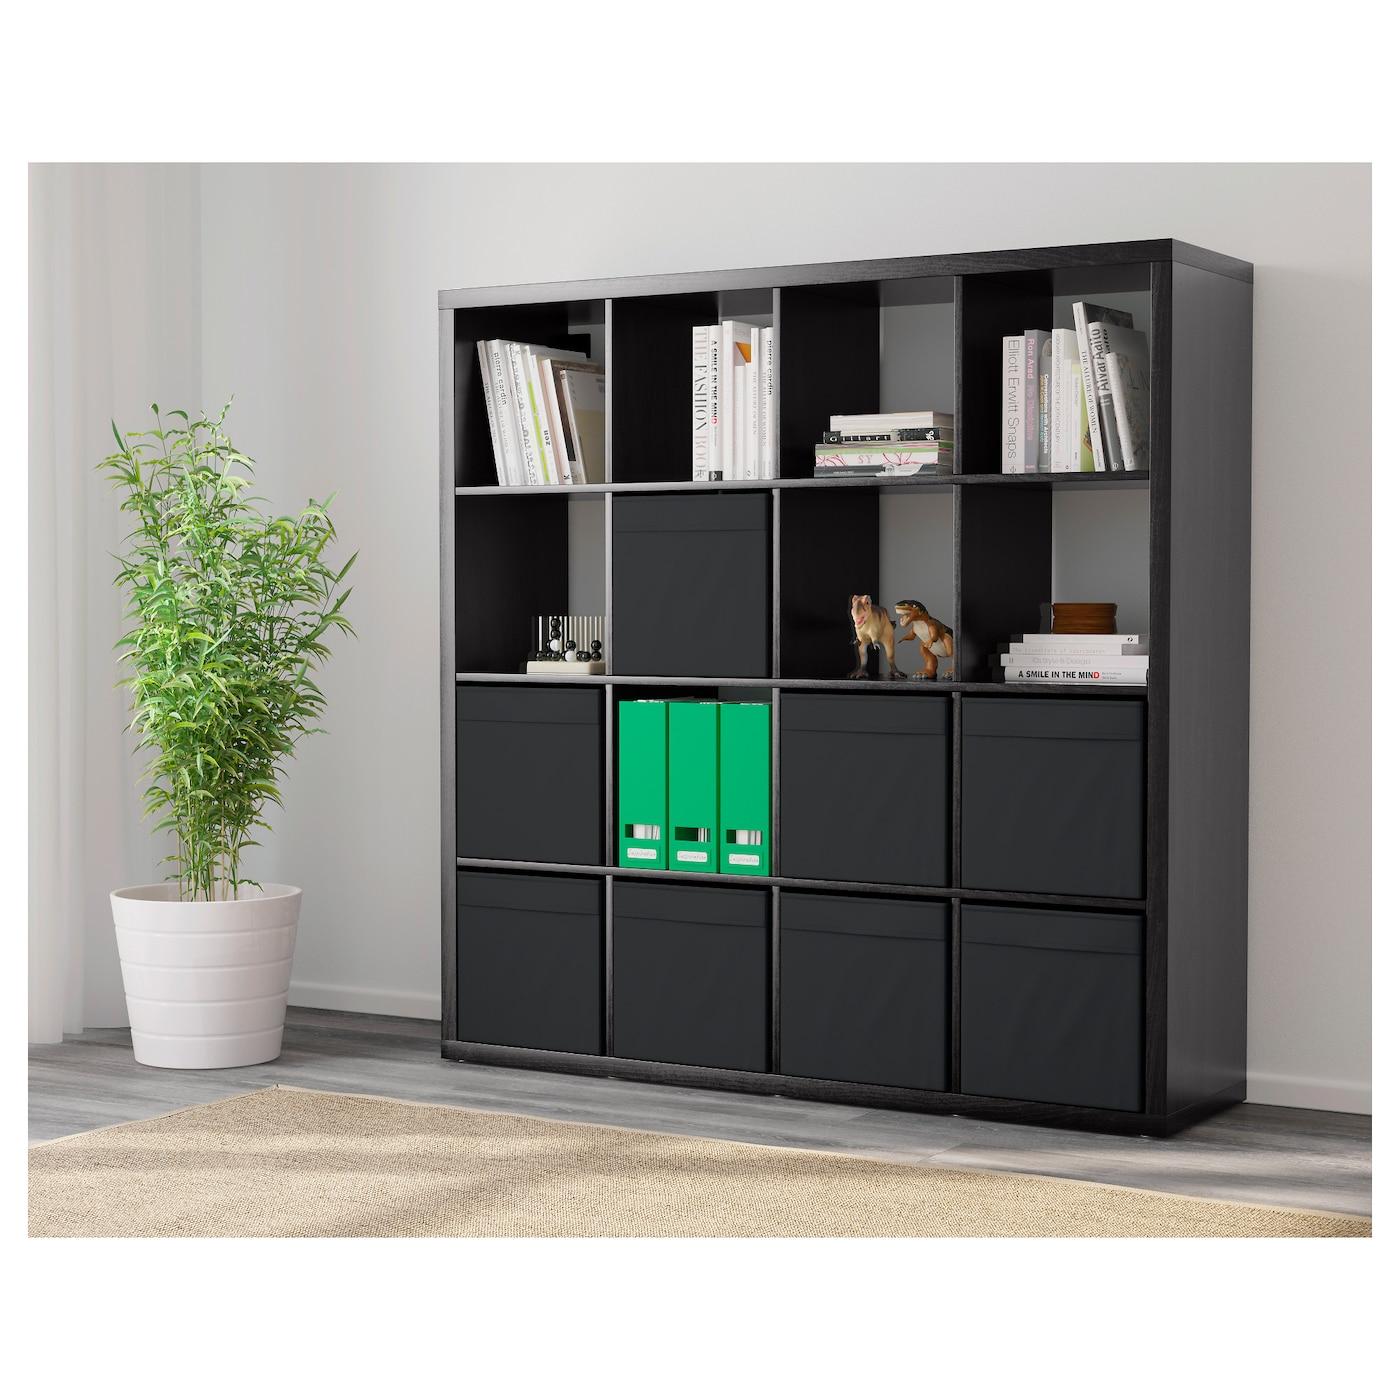 kallax tag re avec 8 accessoires brun noir 147x147 cm ikea. Black Bedroom Furniture Sets. Home Design Ideas